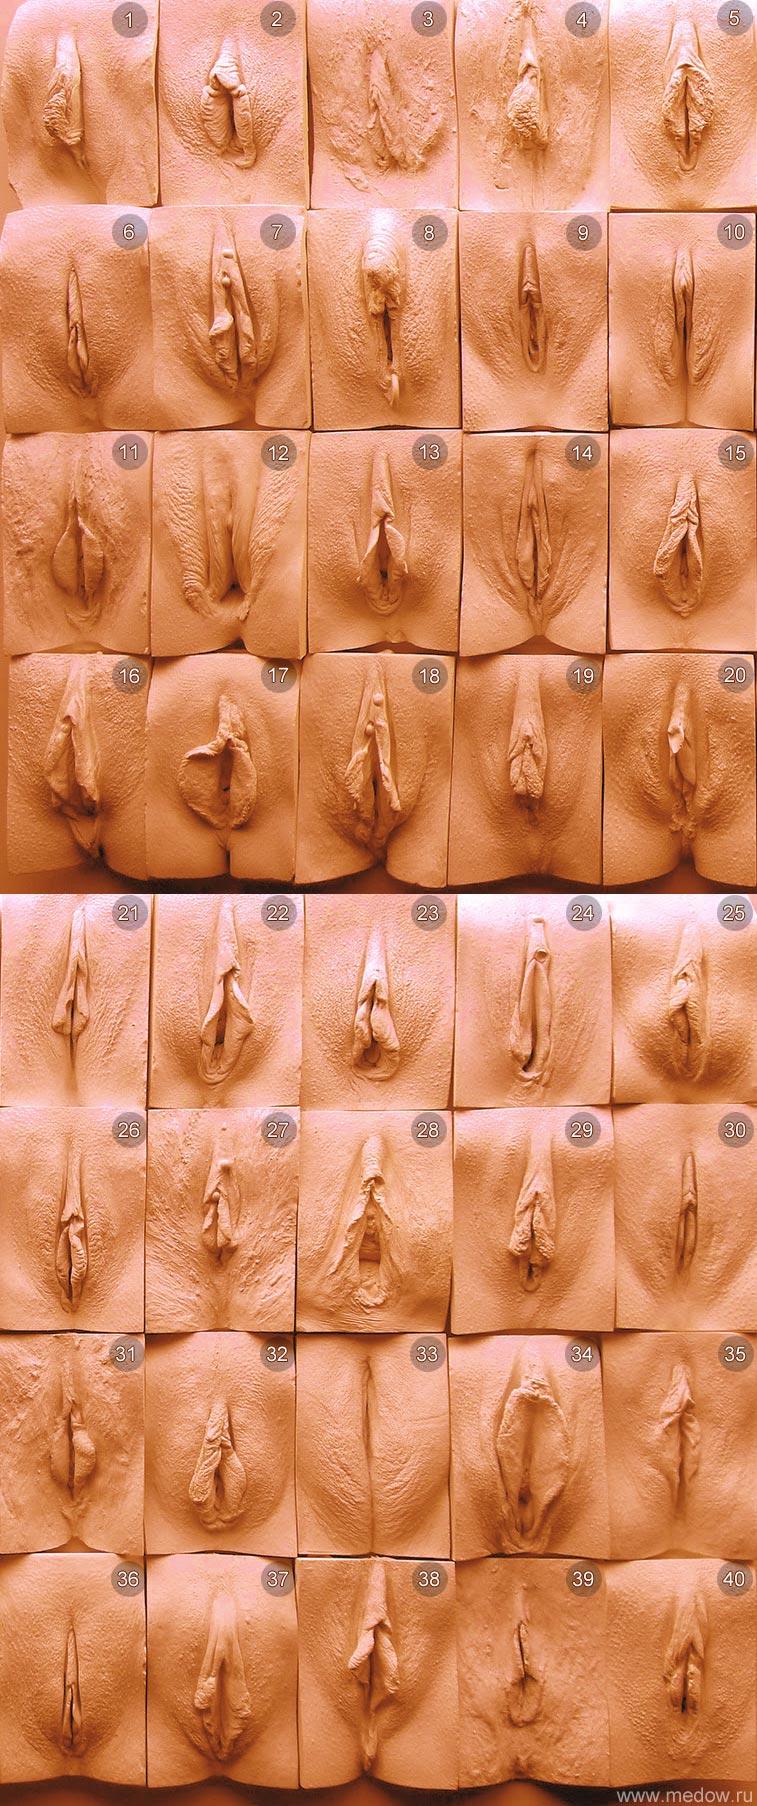 Типы вагин смотреть онлайн фото 707-309